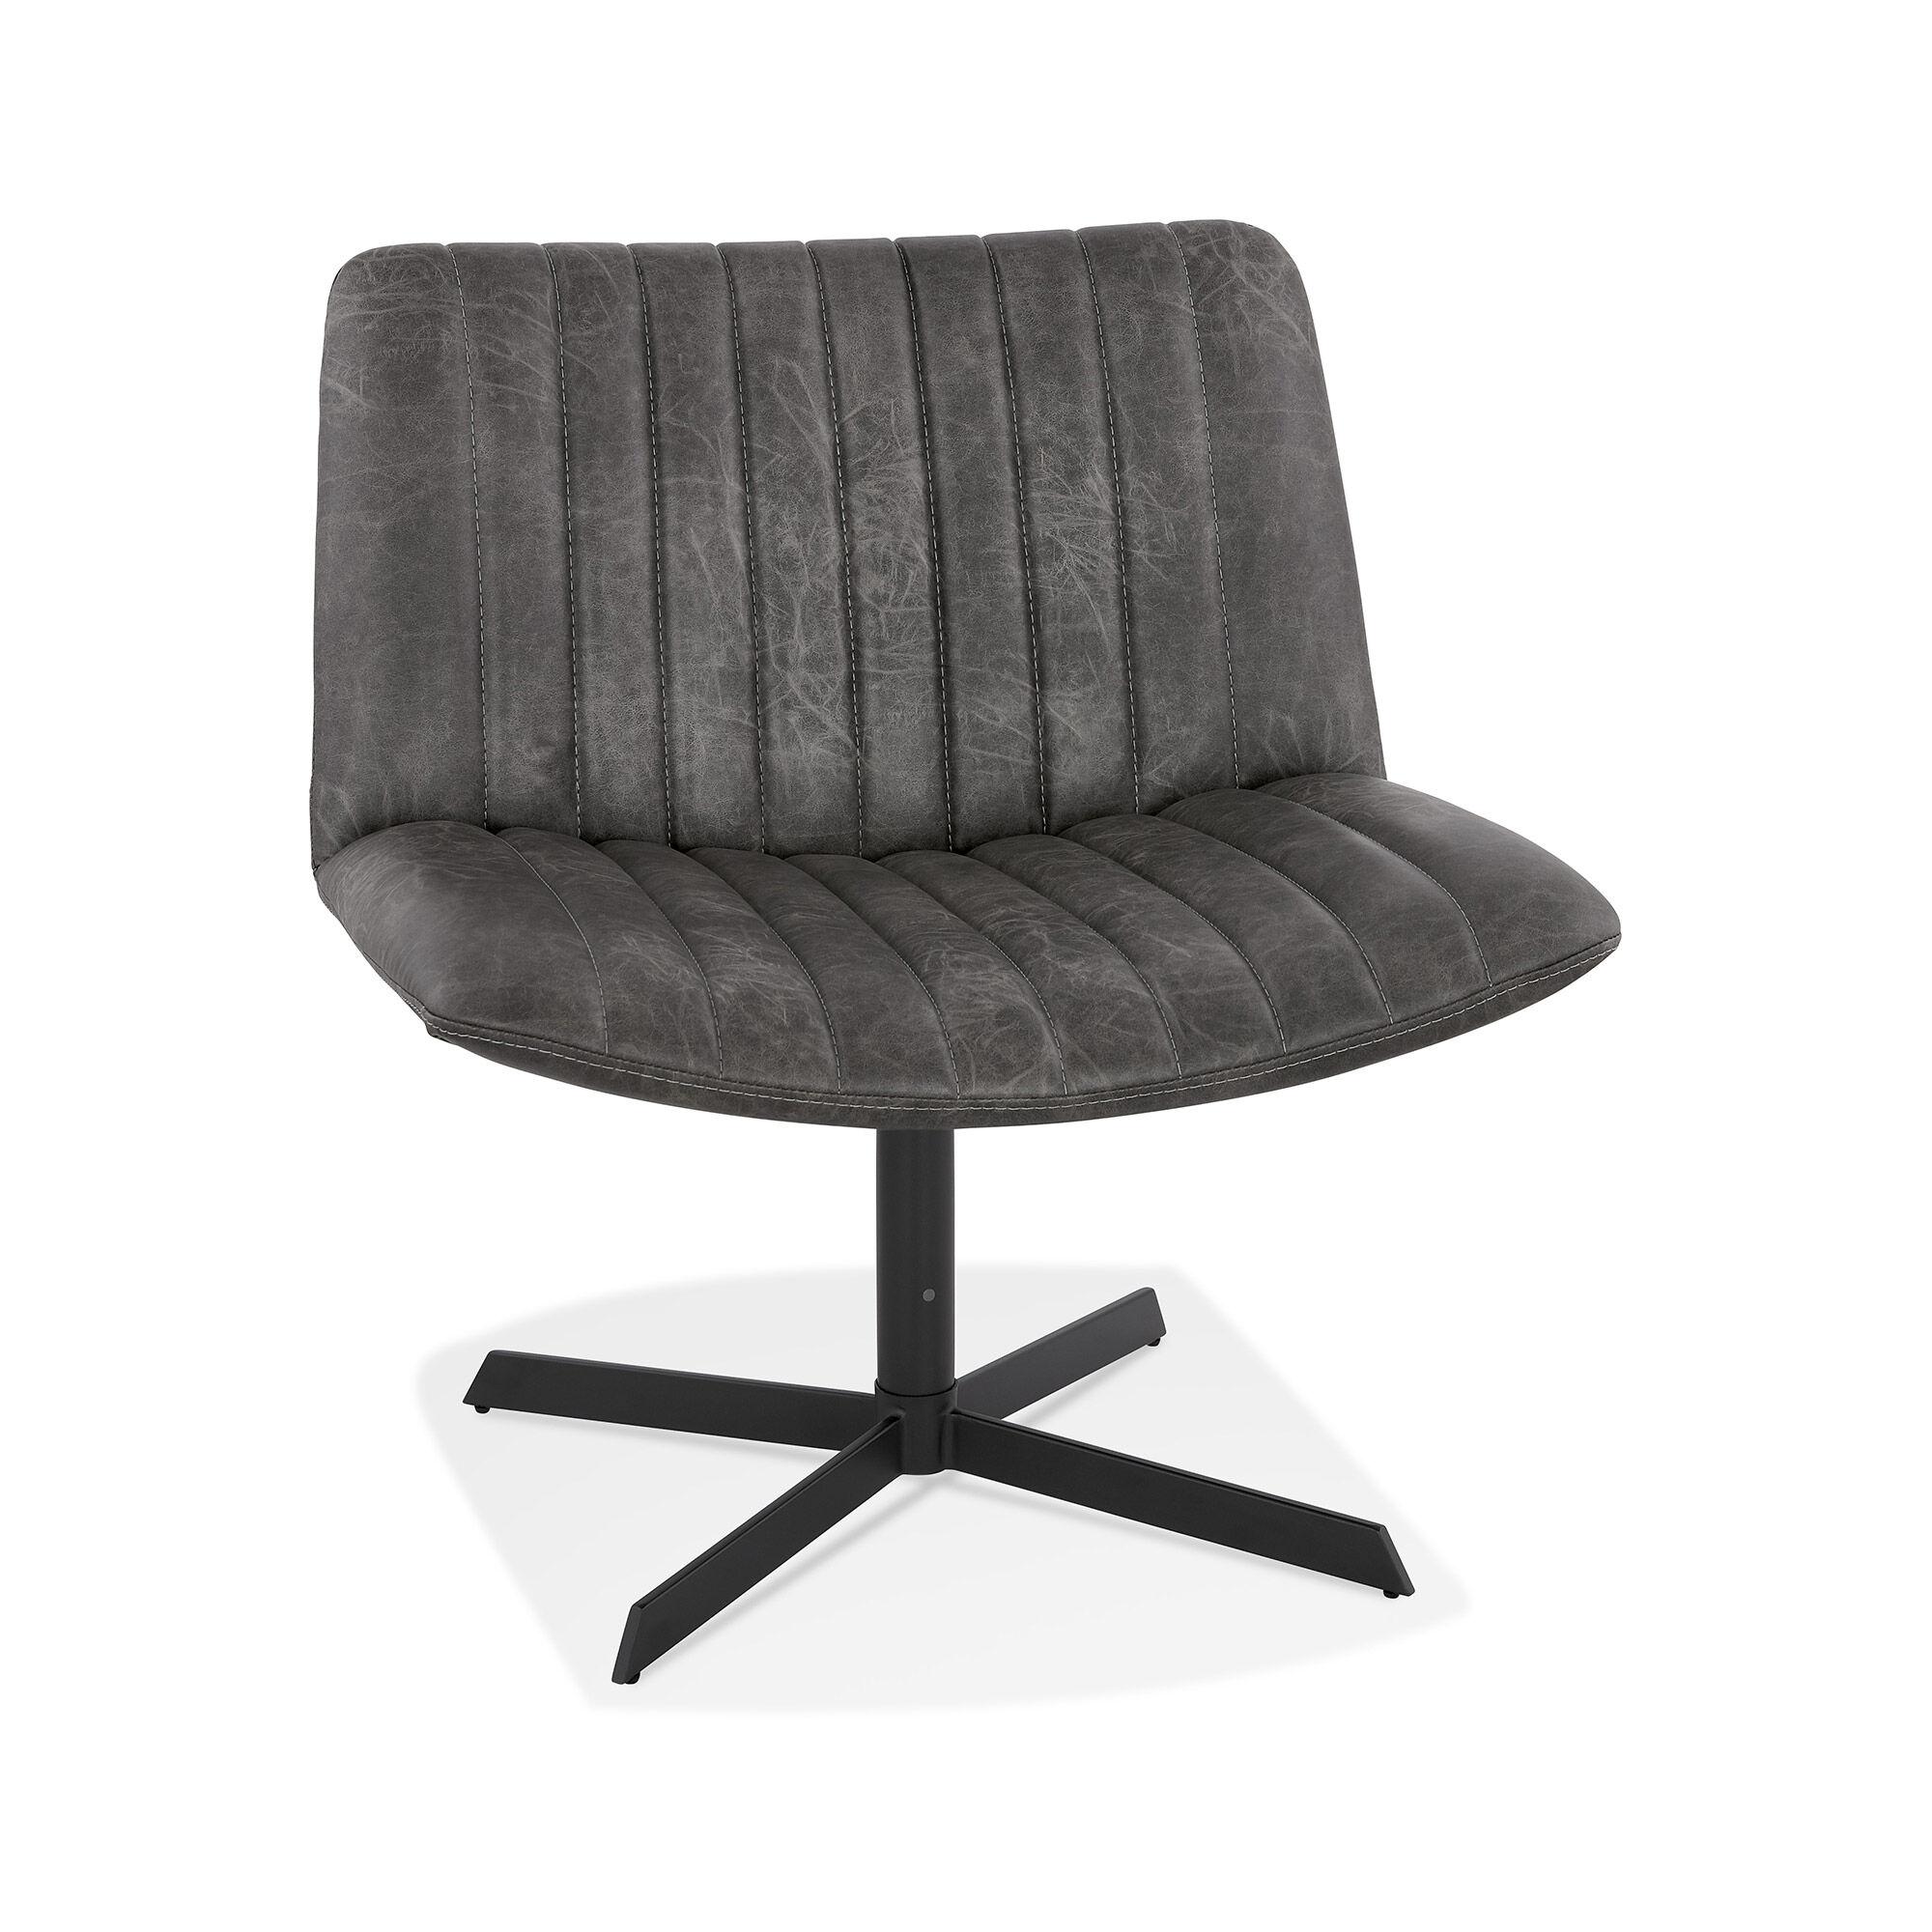 Chaise design 71,5x66x77 cm en PU gris foncé et métal